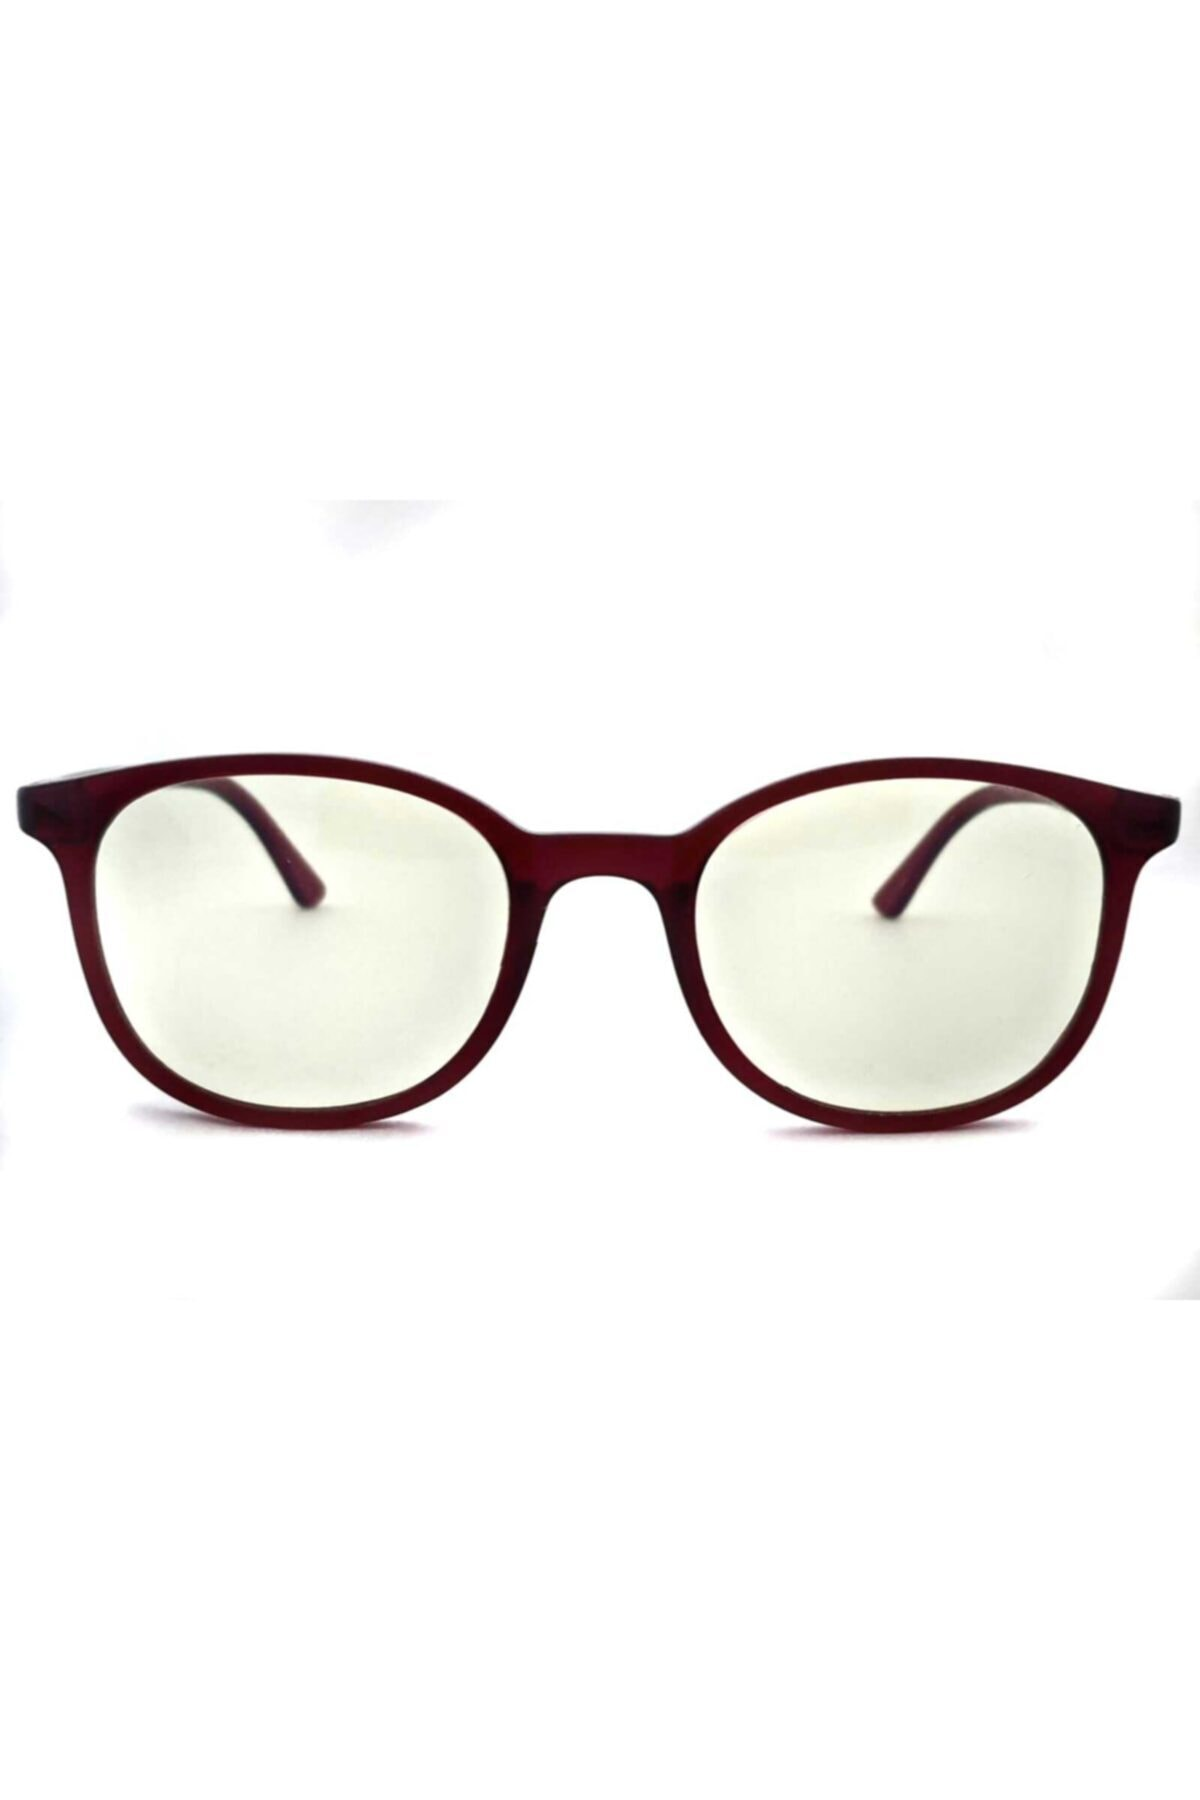 PETİTO Unisex Bordo Baham Mavi Işık Korumalı Ekran Gözlüğü 2